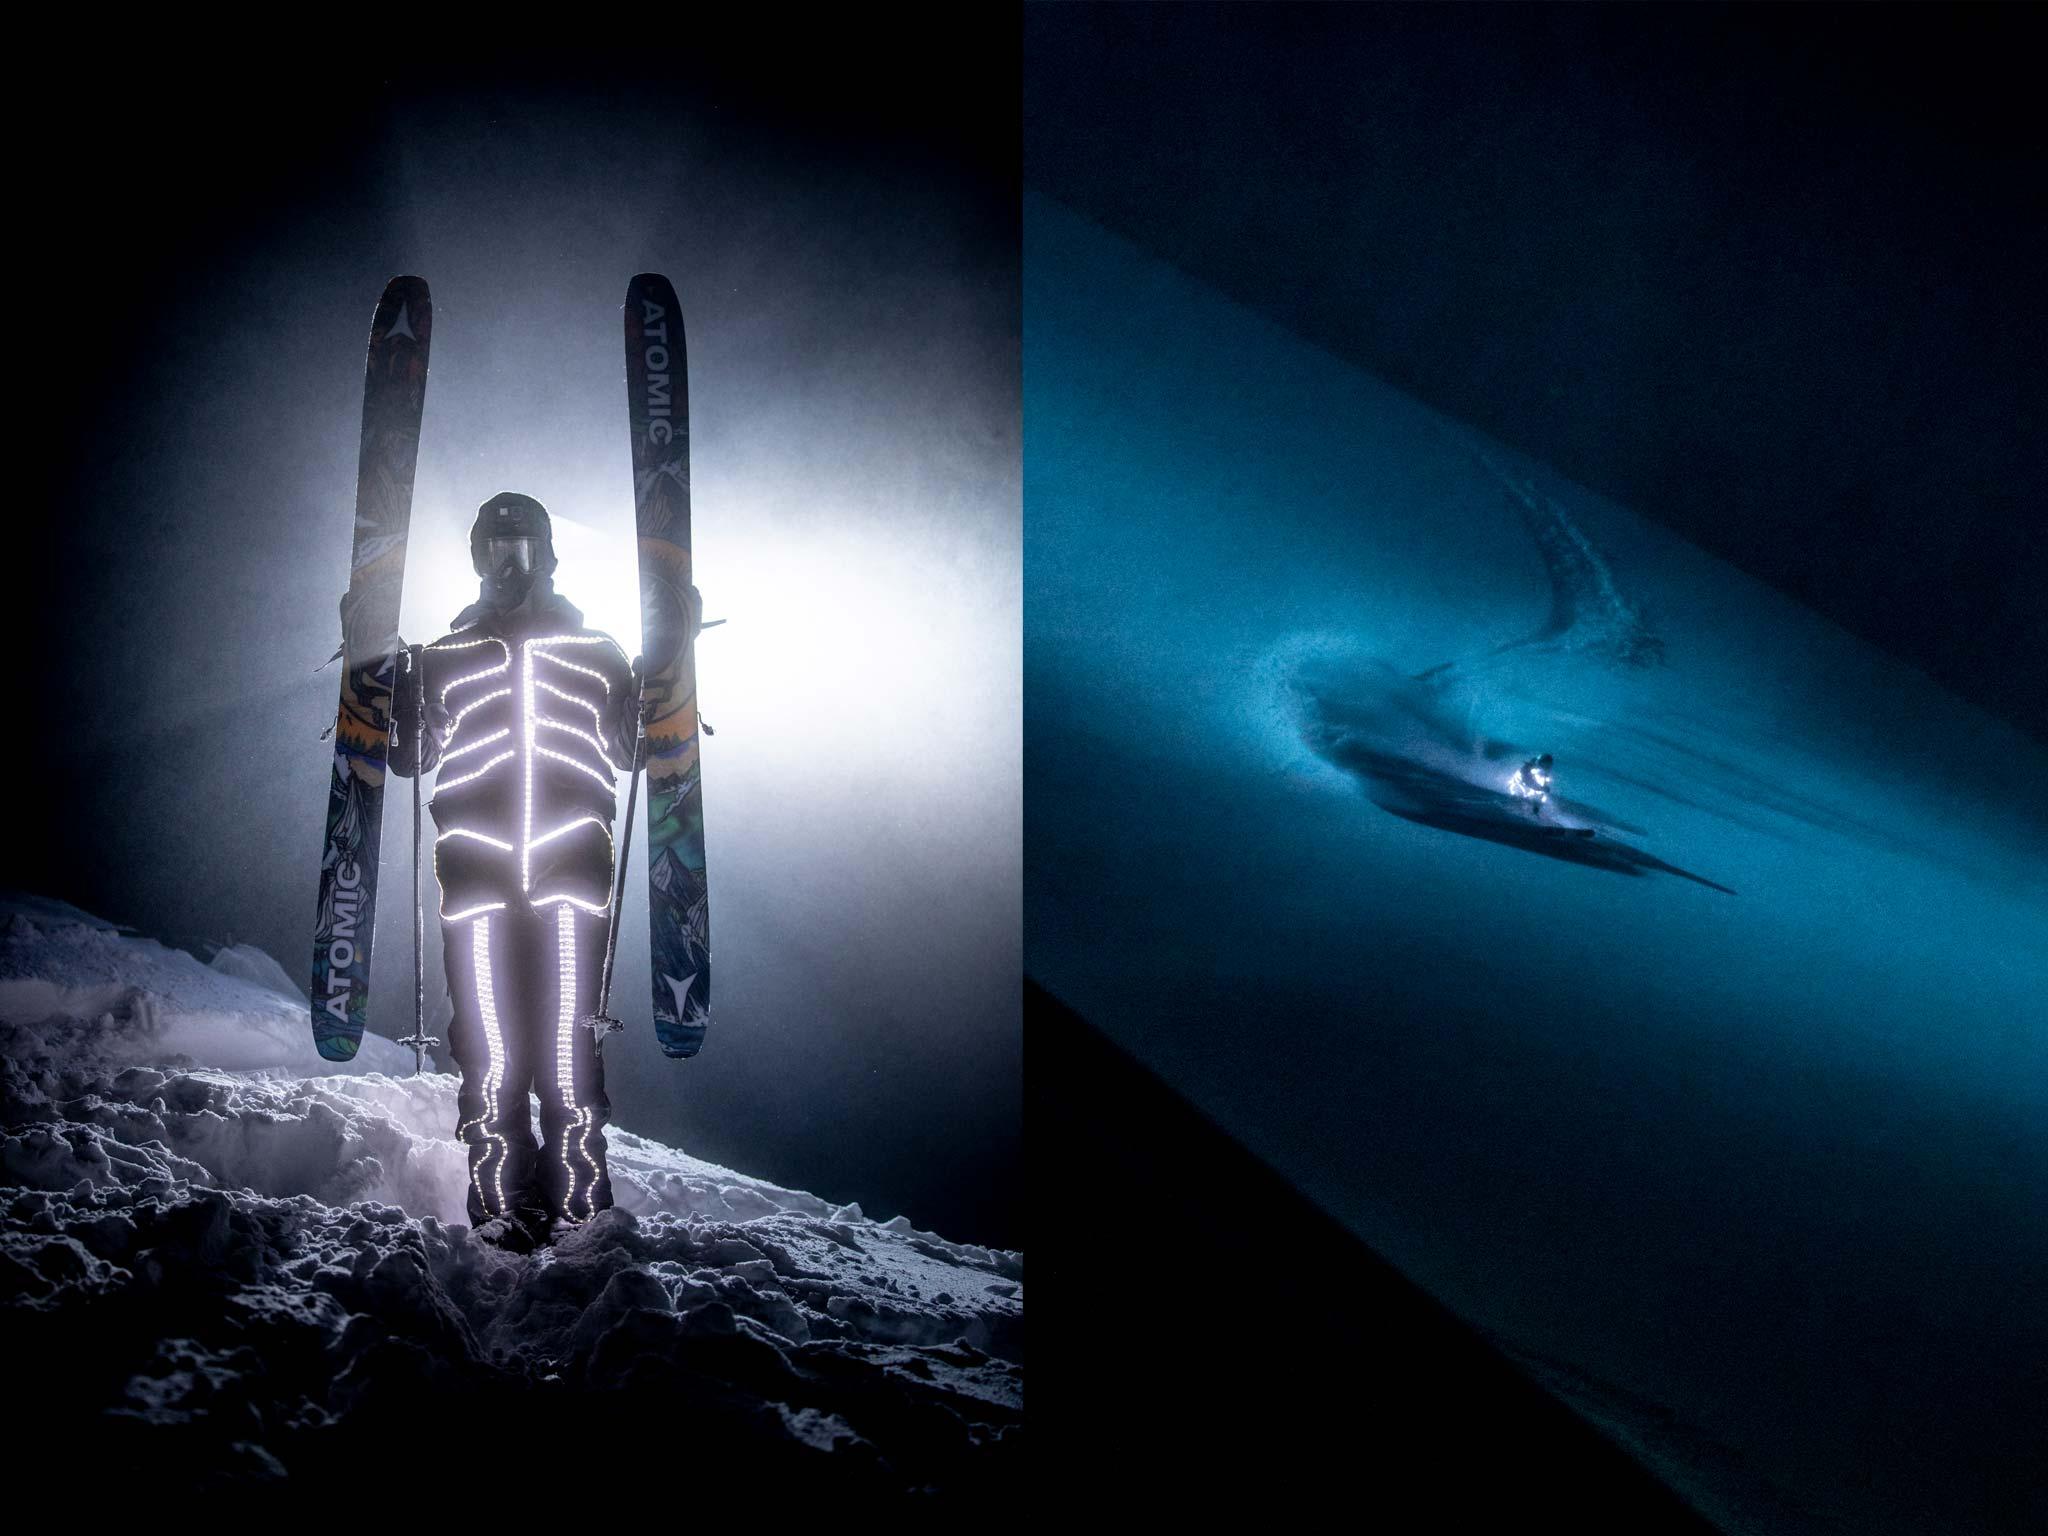 """Neben vielen weiteren Herausforderungen raubten vor allem die Skelett-Anzüge Chris den letzten Nerv beim Dreh für """"Fire on the Mountain"""". - Fotos: Aaron Blatt"""